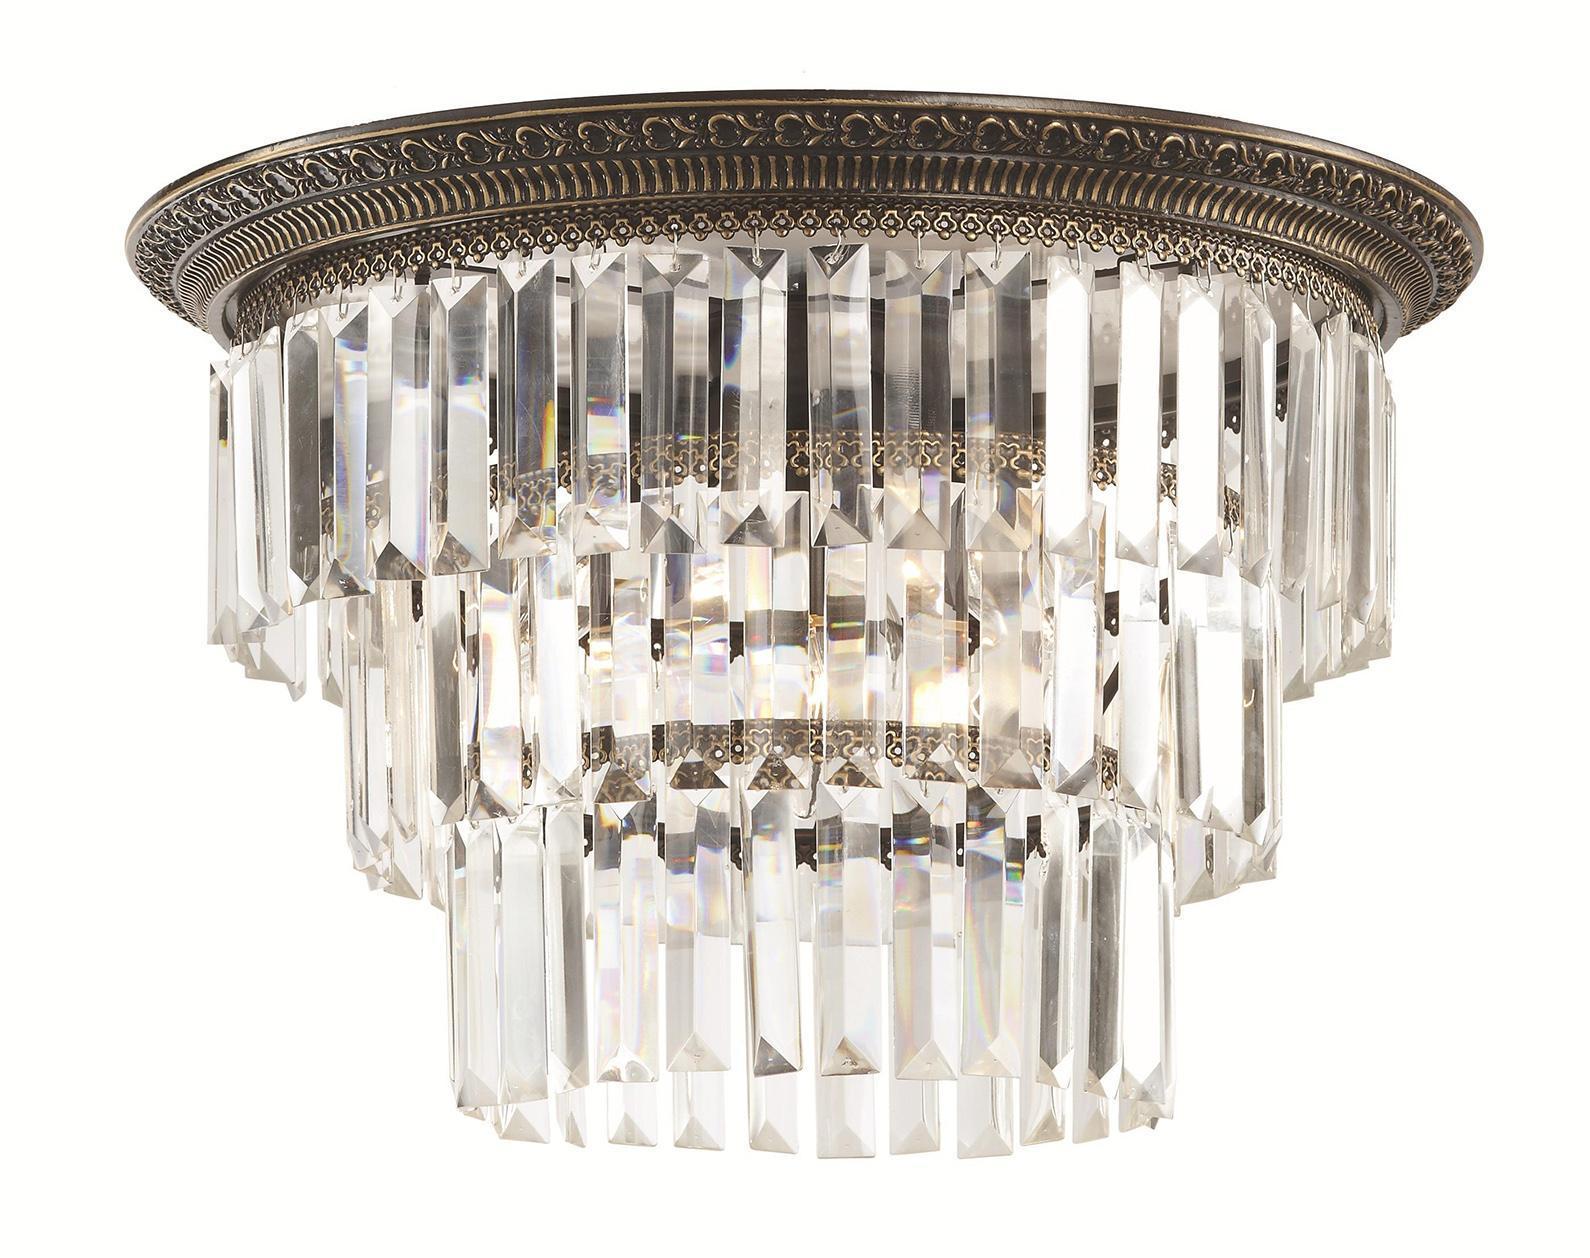 Потолочный светильник ST-Luce. SL133.402.06SL133.402.06Люстра SL133.402.06 - выполнена в классическом стиле. Для изготовления этой модели были использованы высококачественные материалы, такие как металл и стекло. Световой поток, направленный вниз, не создает теней и дает хорошее яркое освещение вашей комнаты.